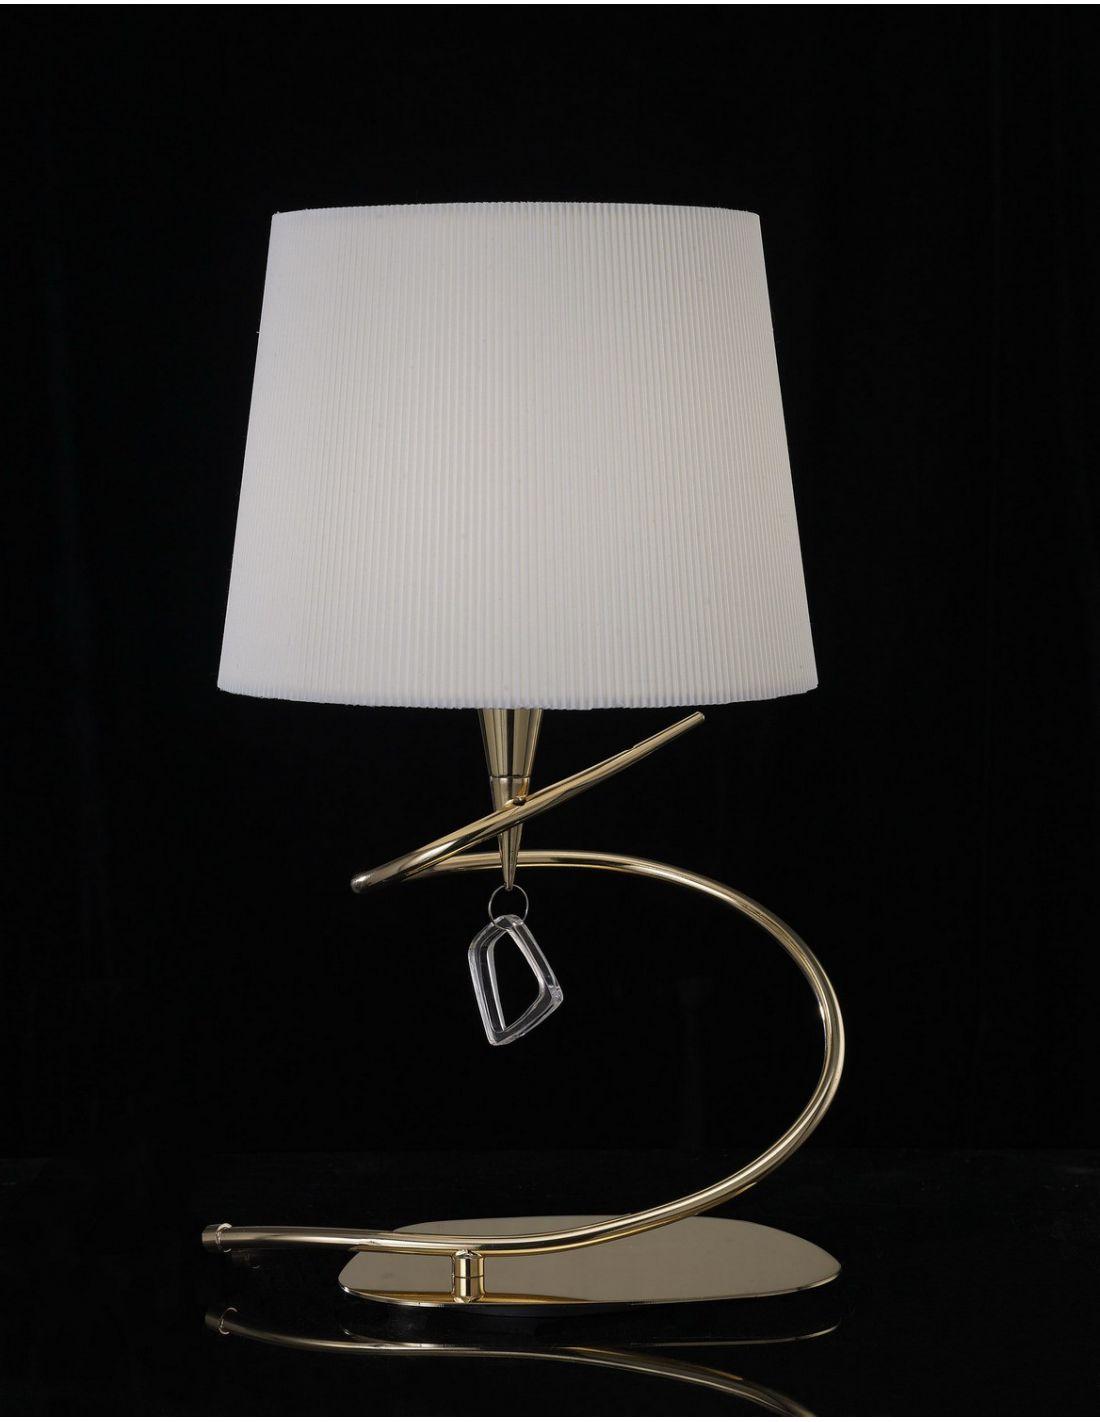 Lamparas Bajo Consumo Para Baño: , venta de lamparas, lamparas de techo, comprar lamparas de techo